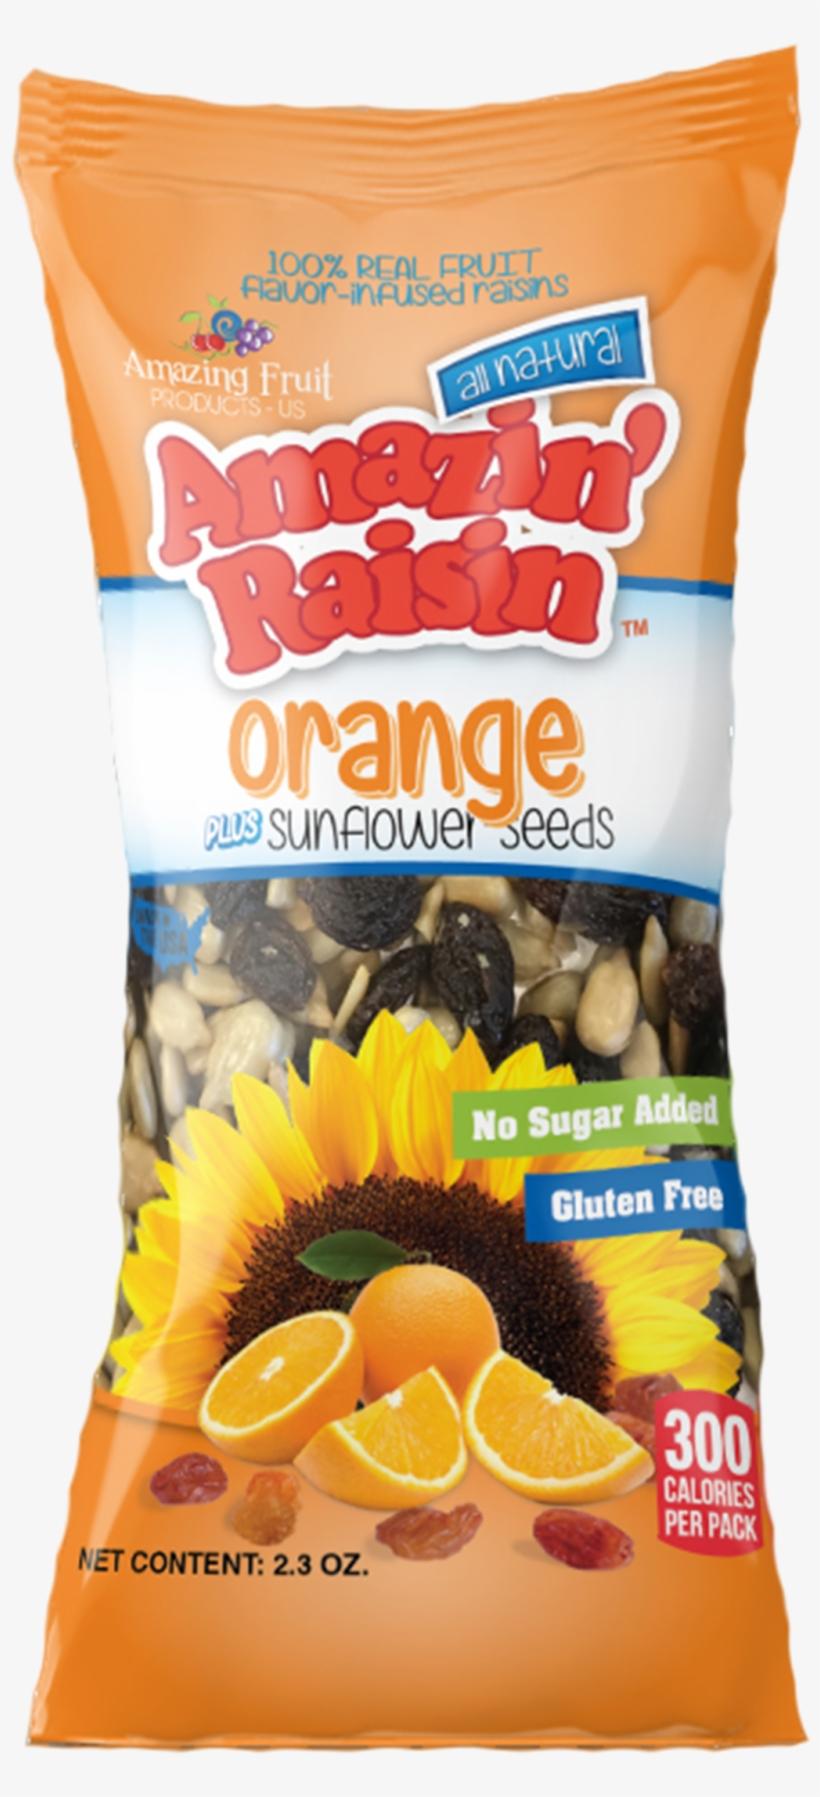 Orange Plus Sunflower Seeds 100% Real Fruit Flavor-infused - Fruit, transparent png #4344600